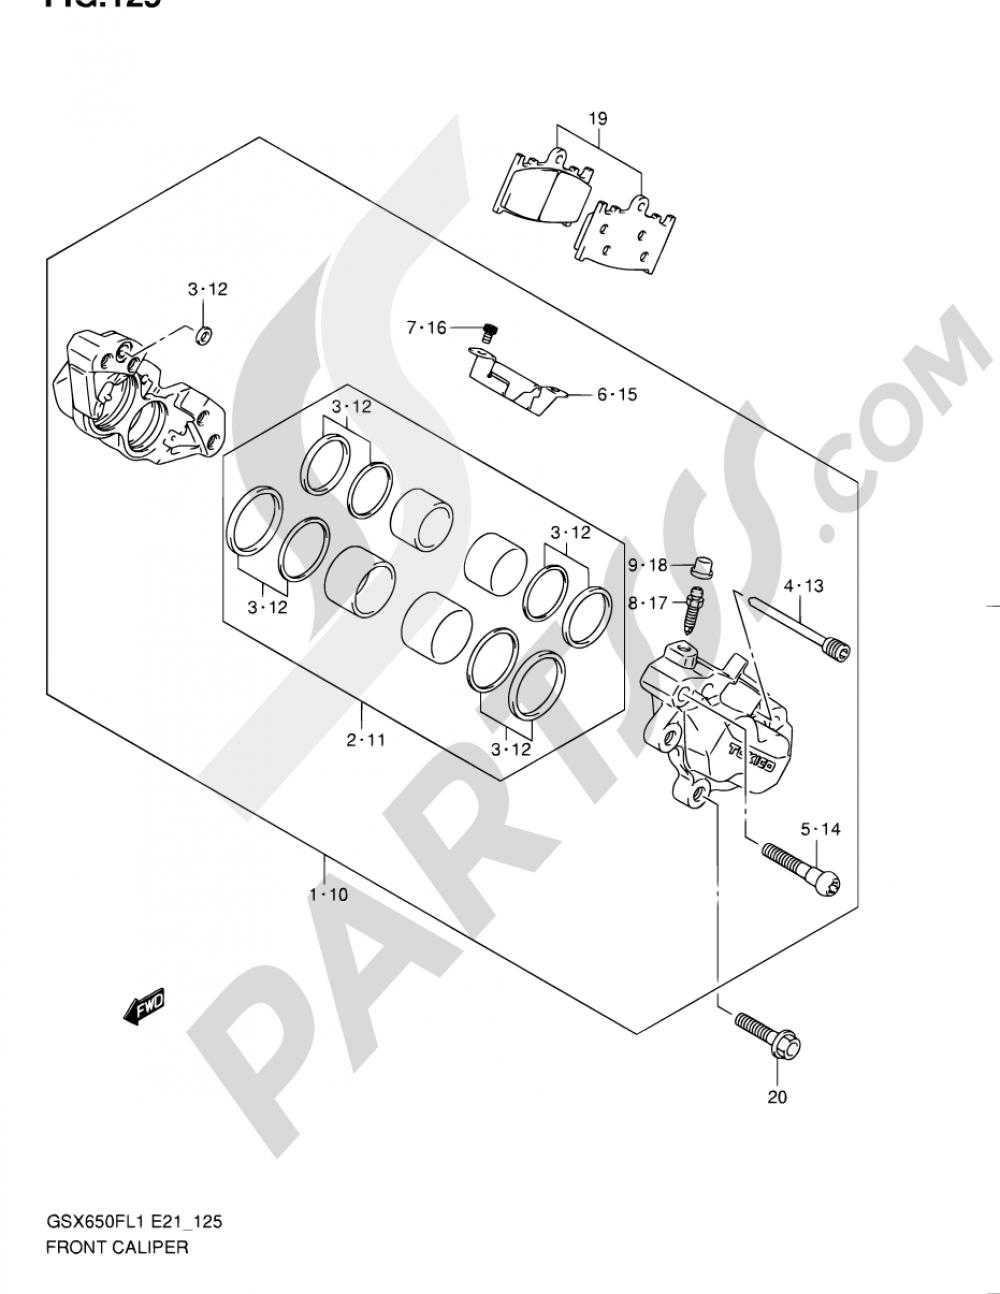 125 - FRONT CALIPER (GSX650FL1 E21) Suzuki GSX650F 2011